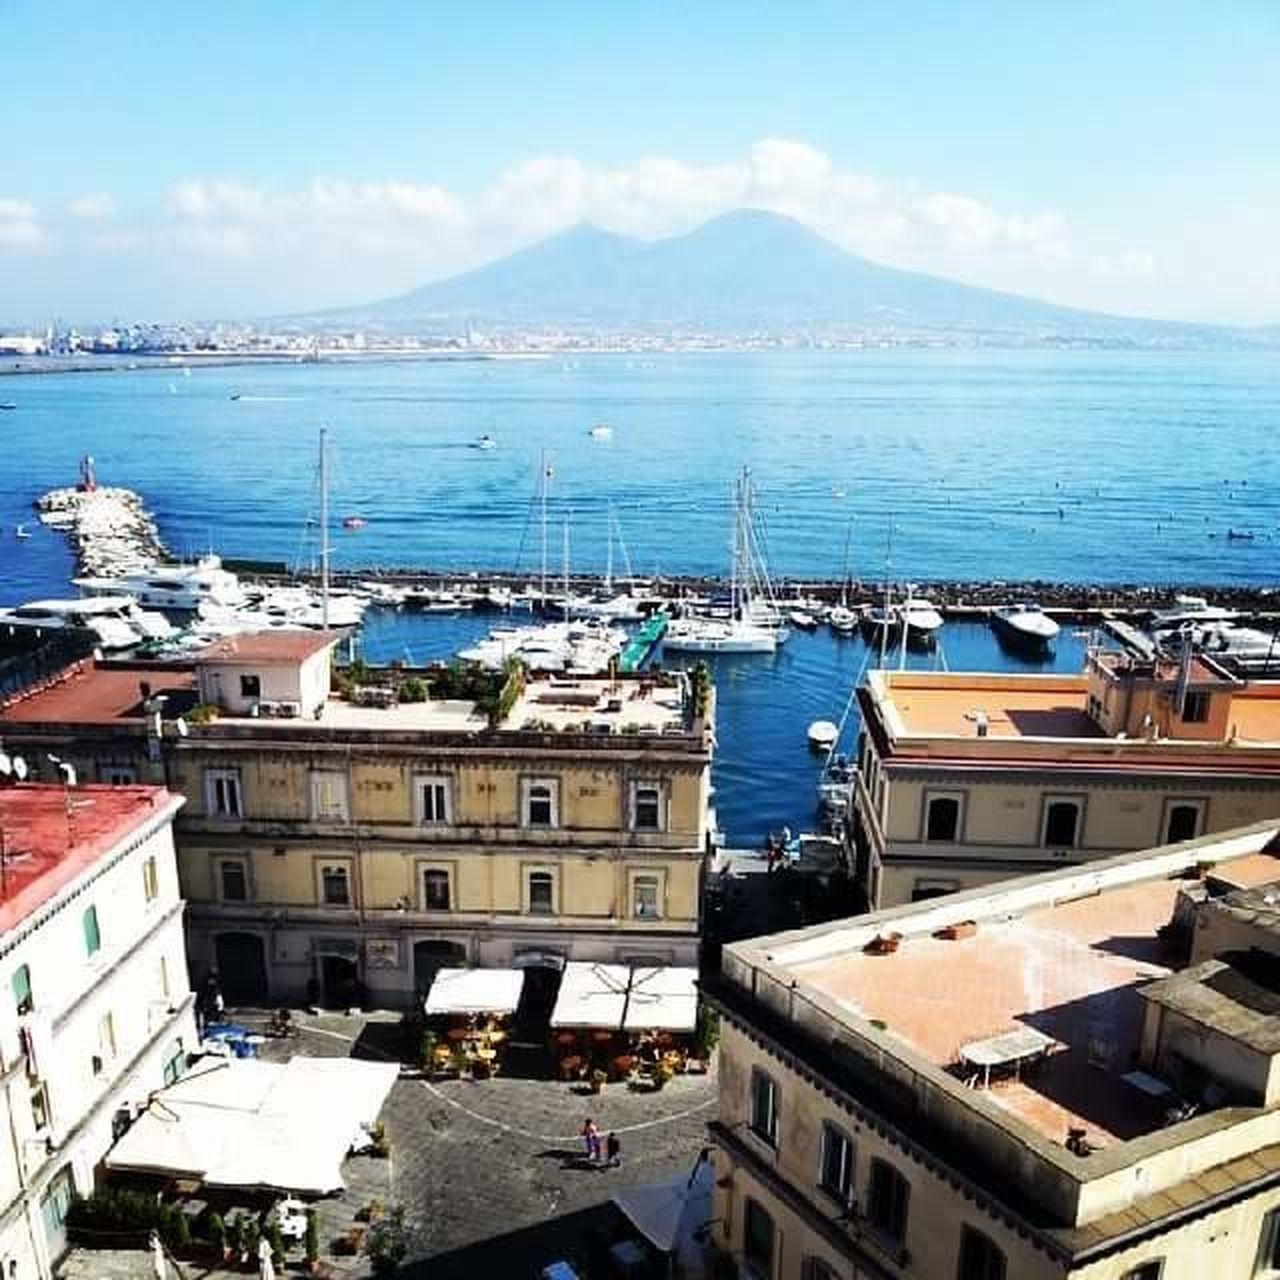 Sea Sky Hometown Sea And Sky Love ♥ Napoli ❤ Napoli Italy Castel Dell'ovo EyeEmNewHere